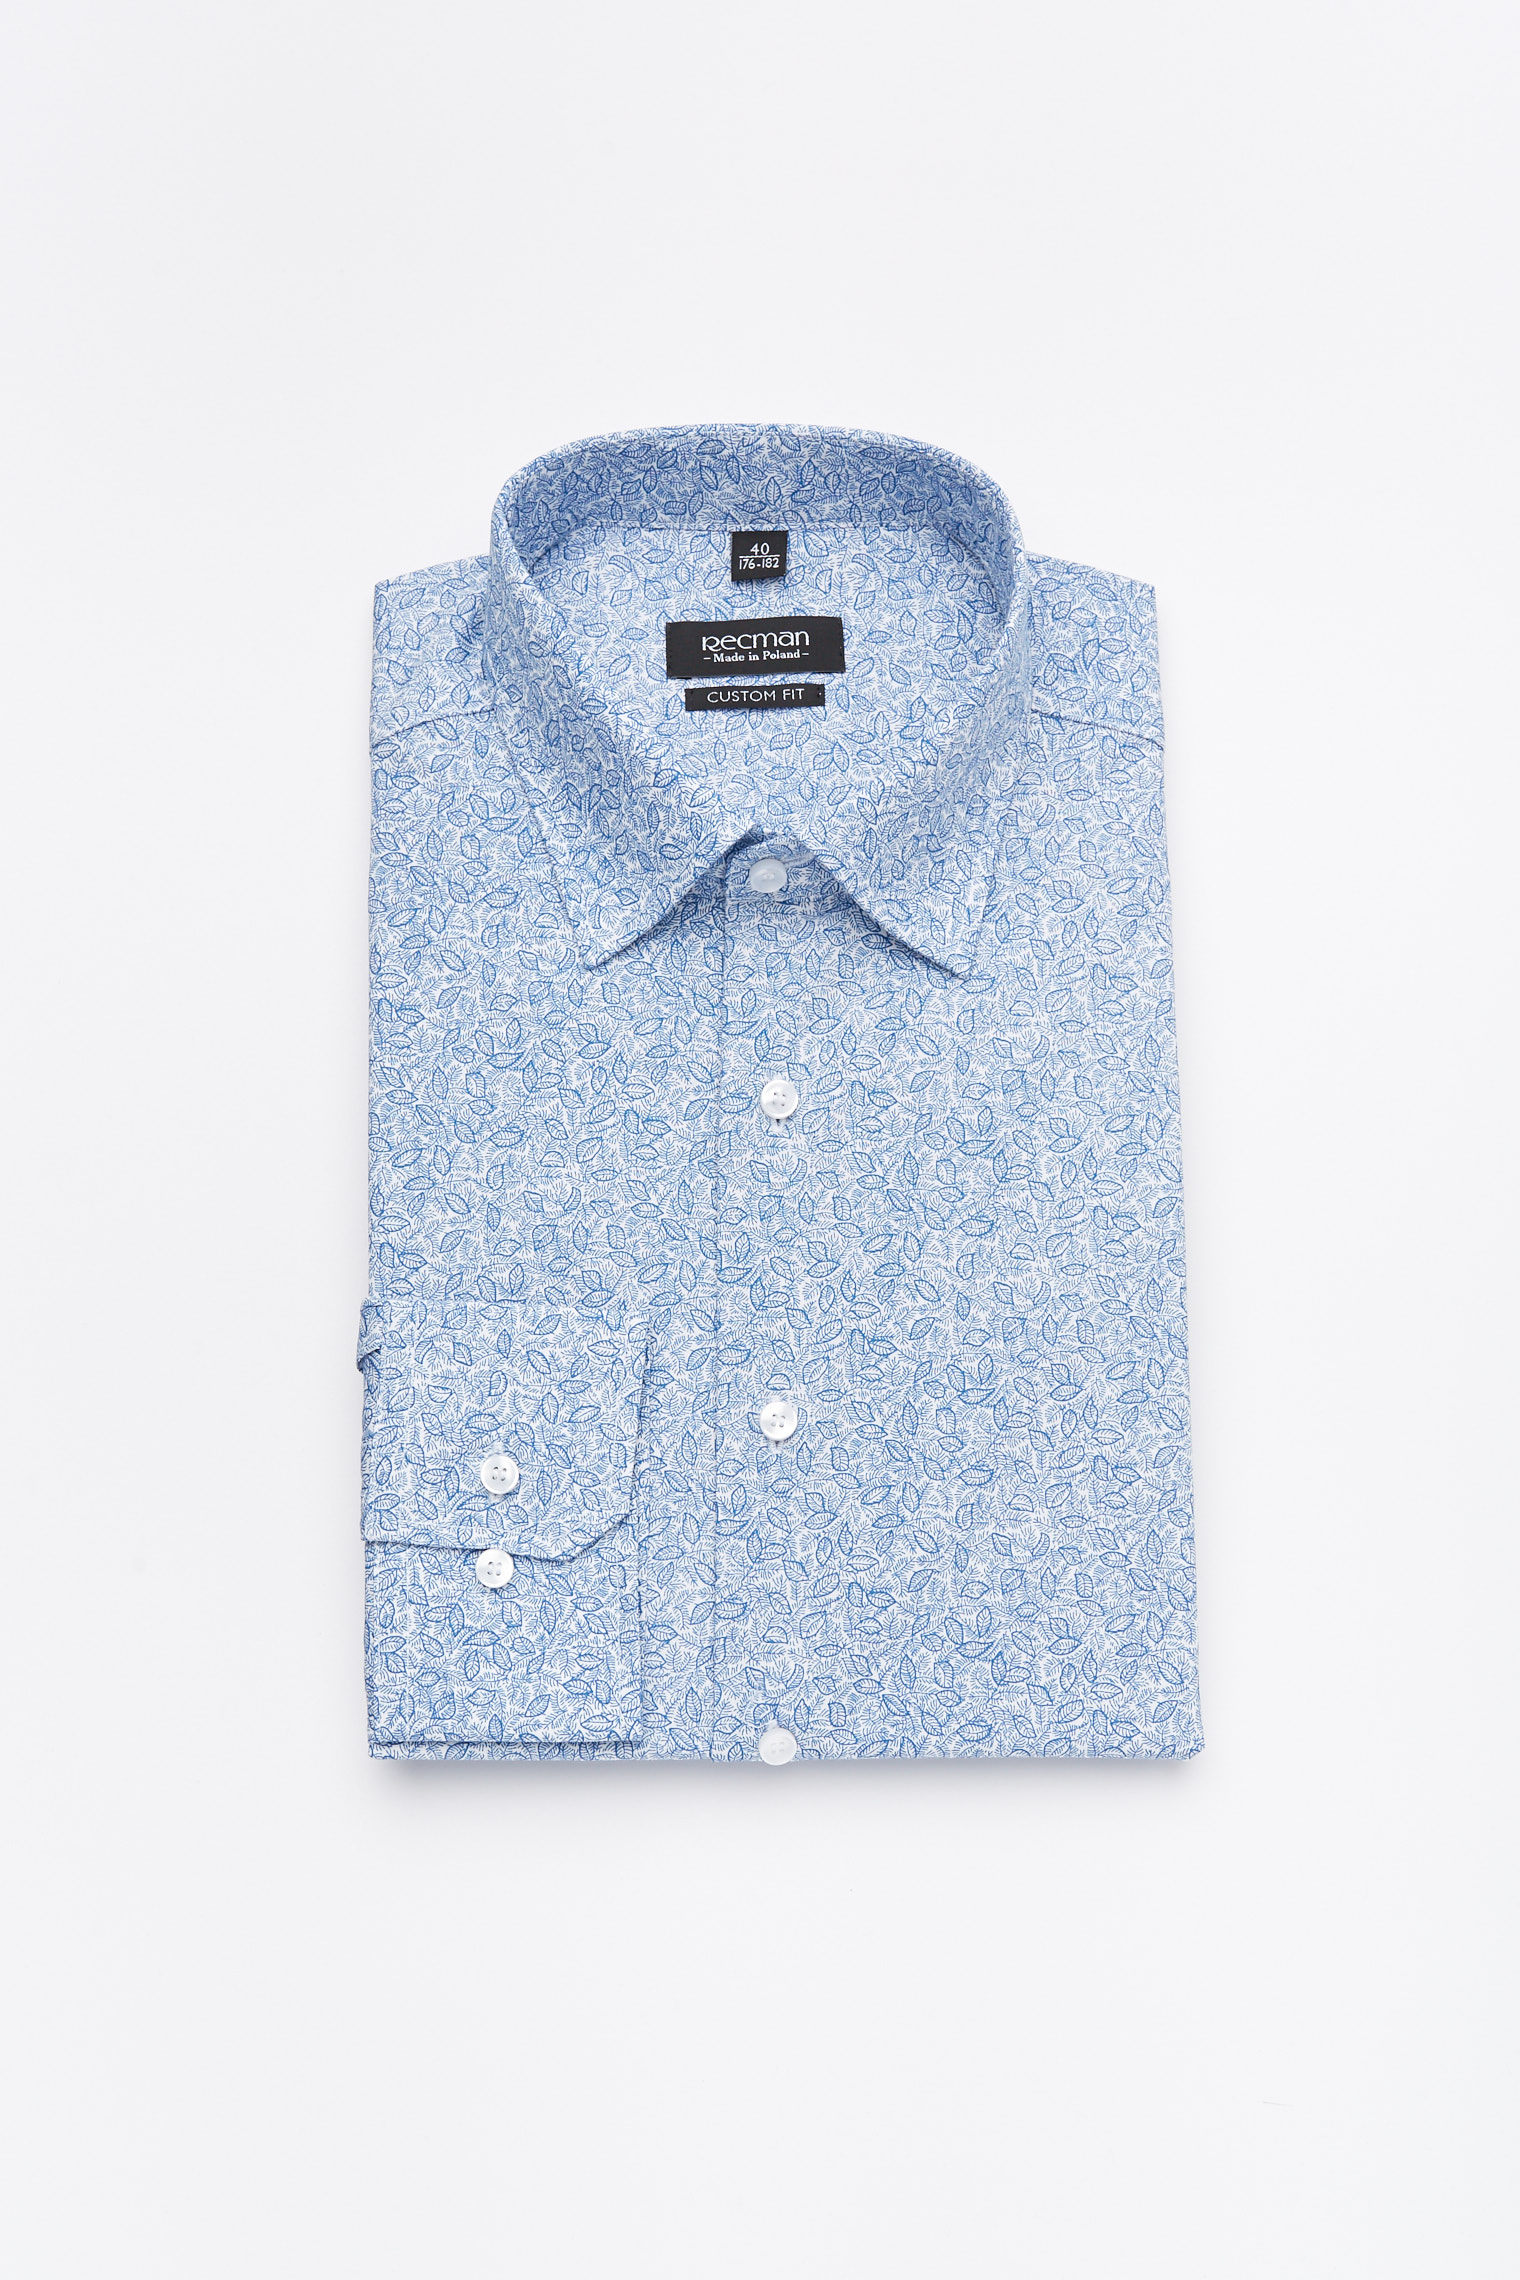 koszula versone 2933 długi rękaw custom fit niebieski